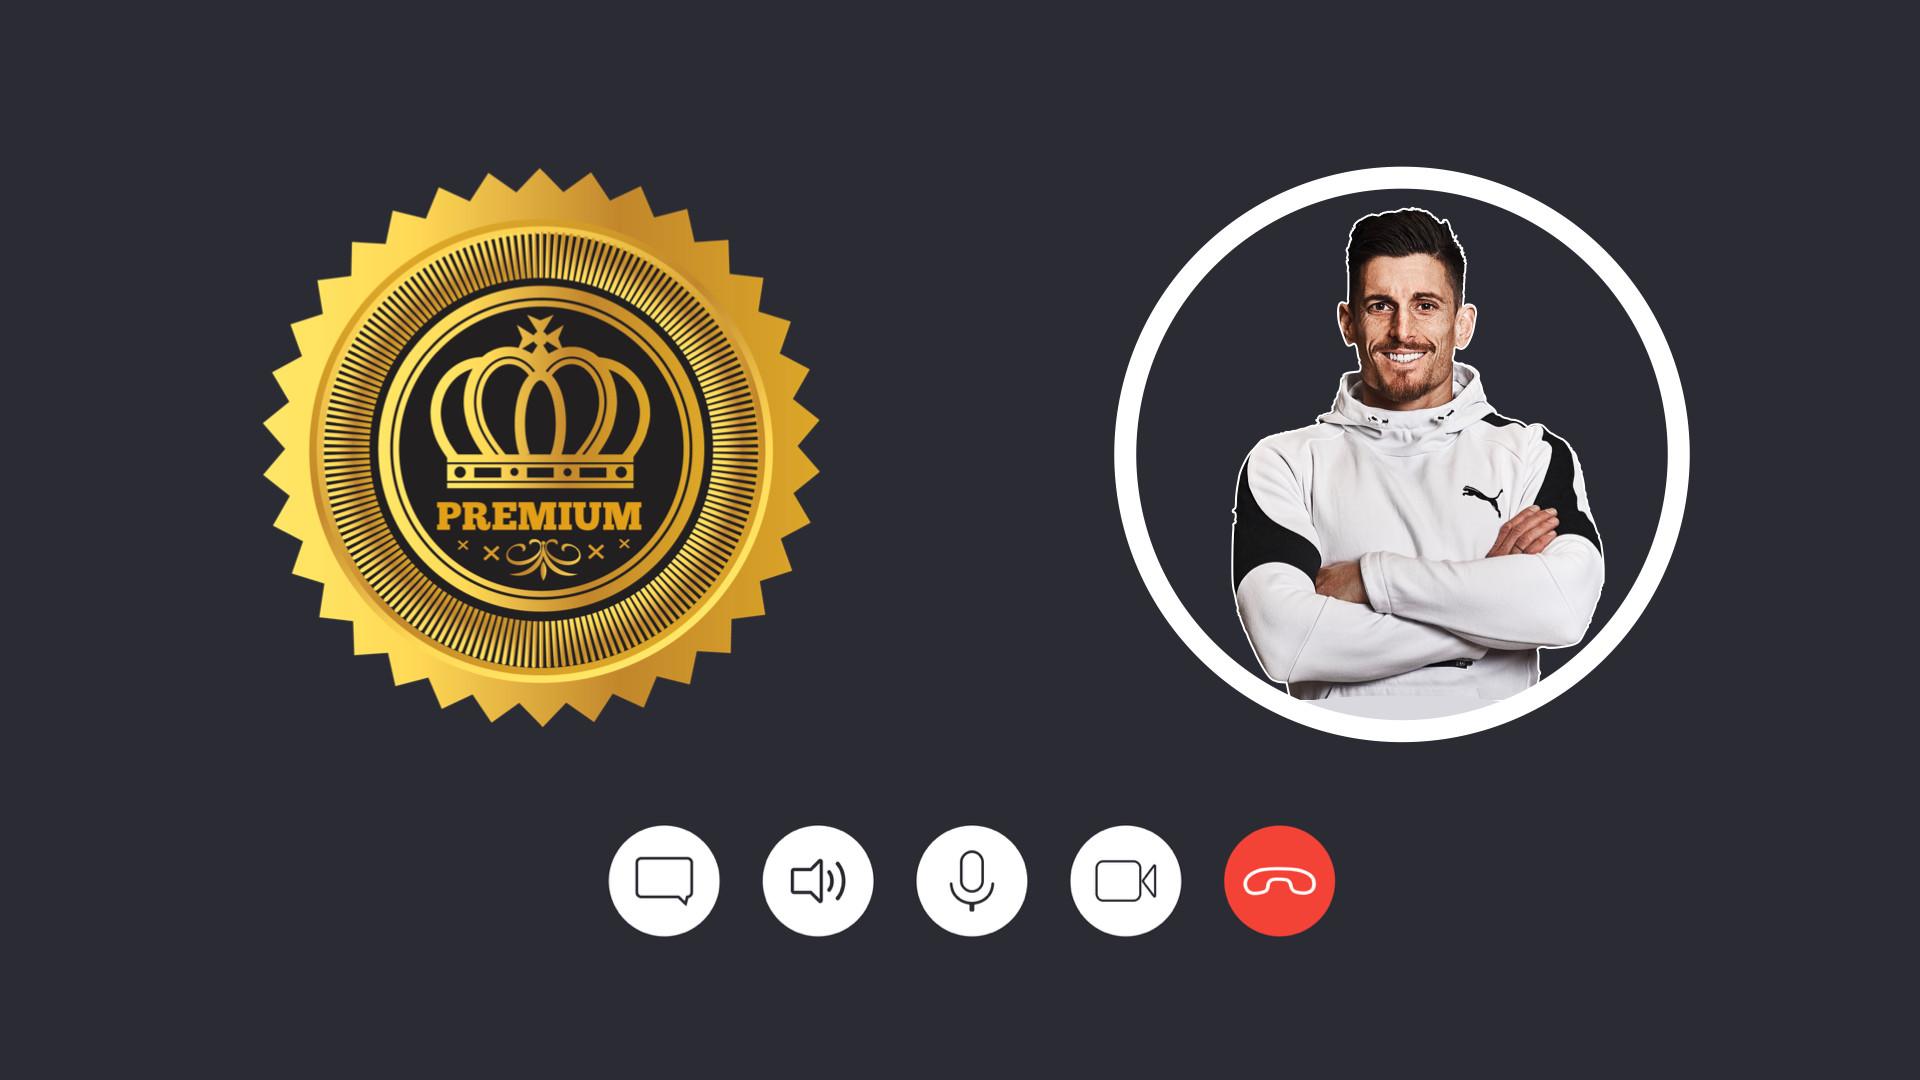 Premium Angebot